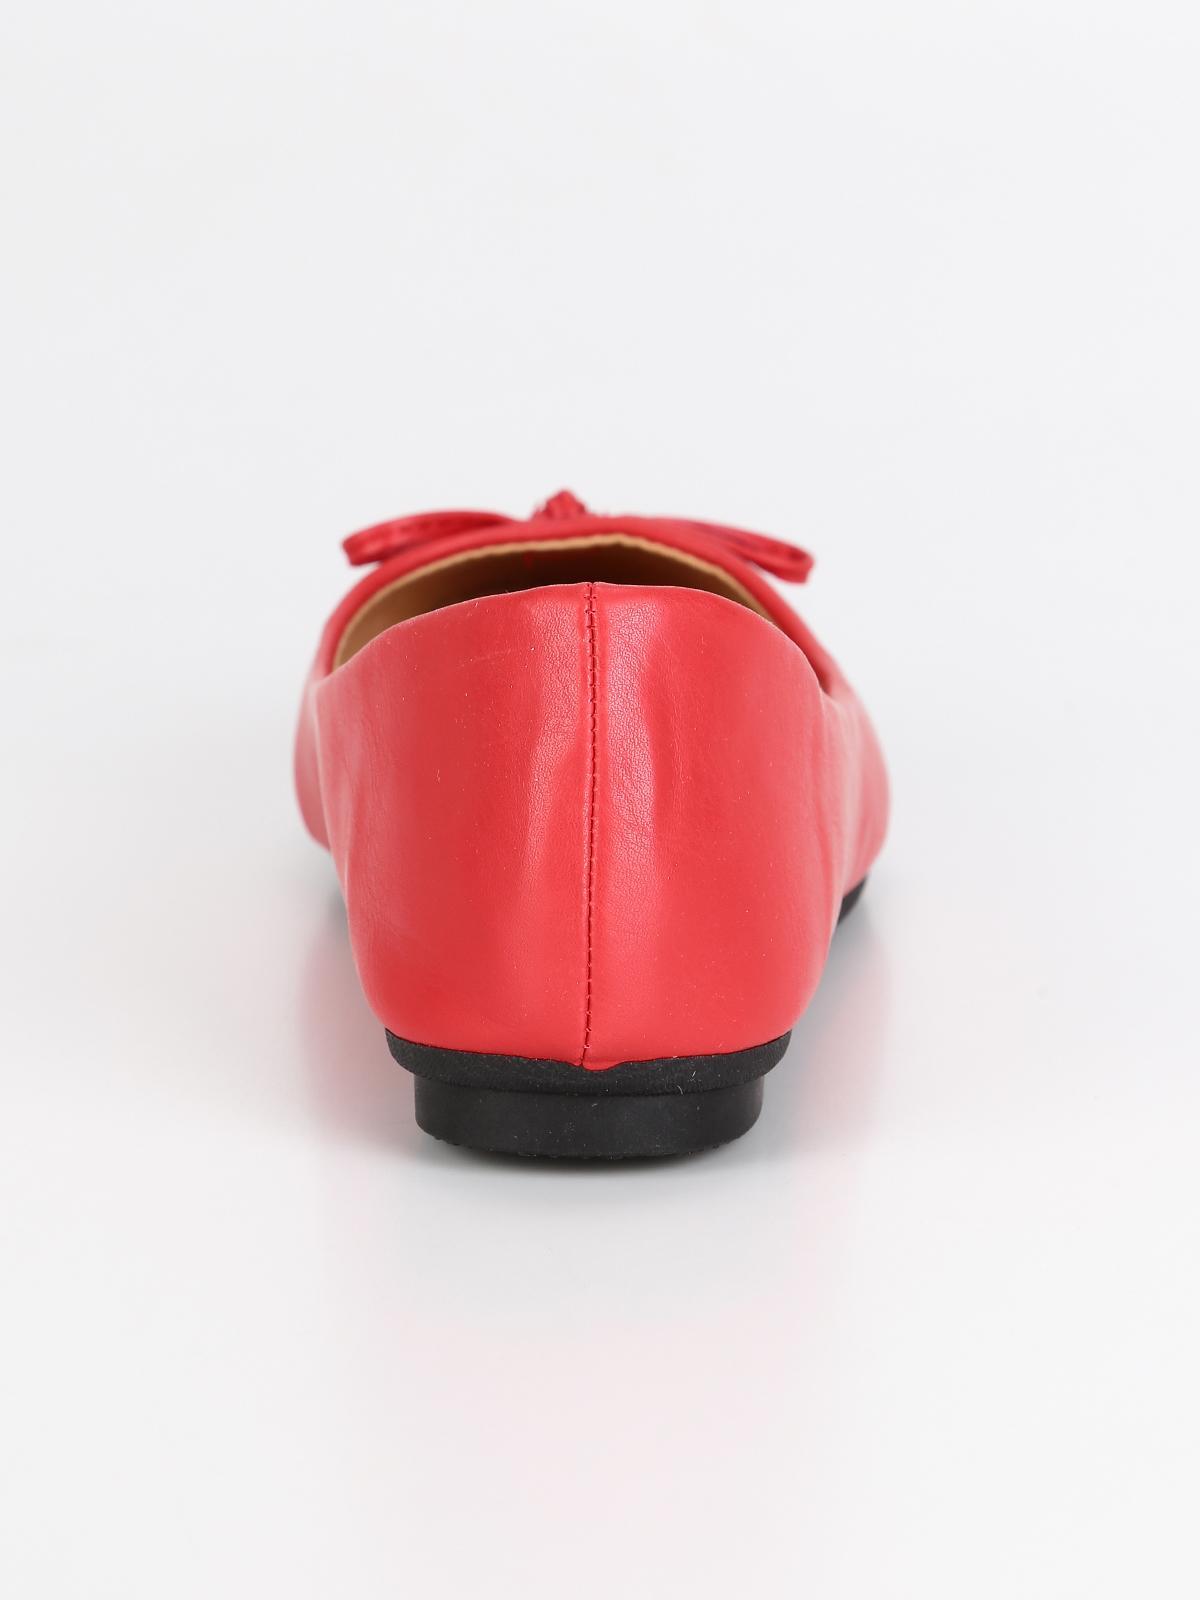 miglior sito web 400f4 6611c Ballerine rosse con fiocco diamantique | MecShopping